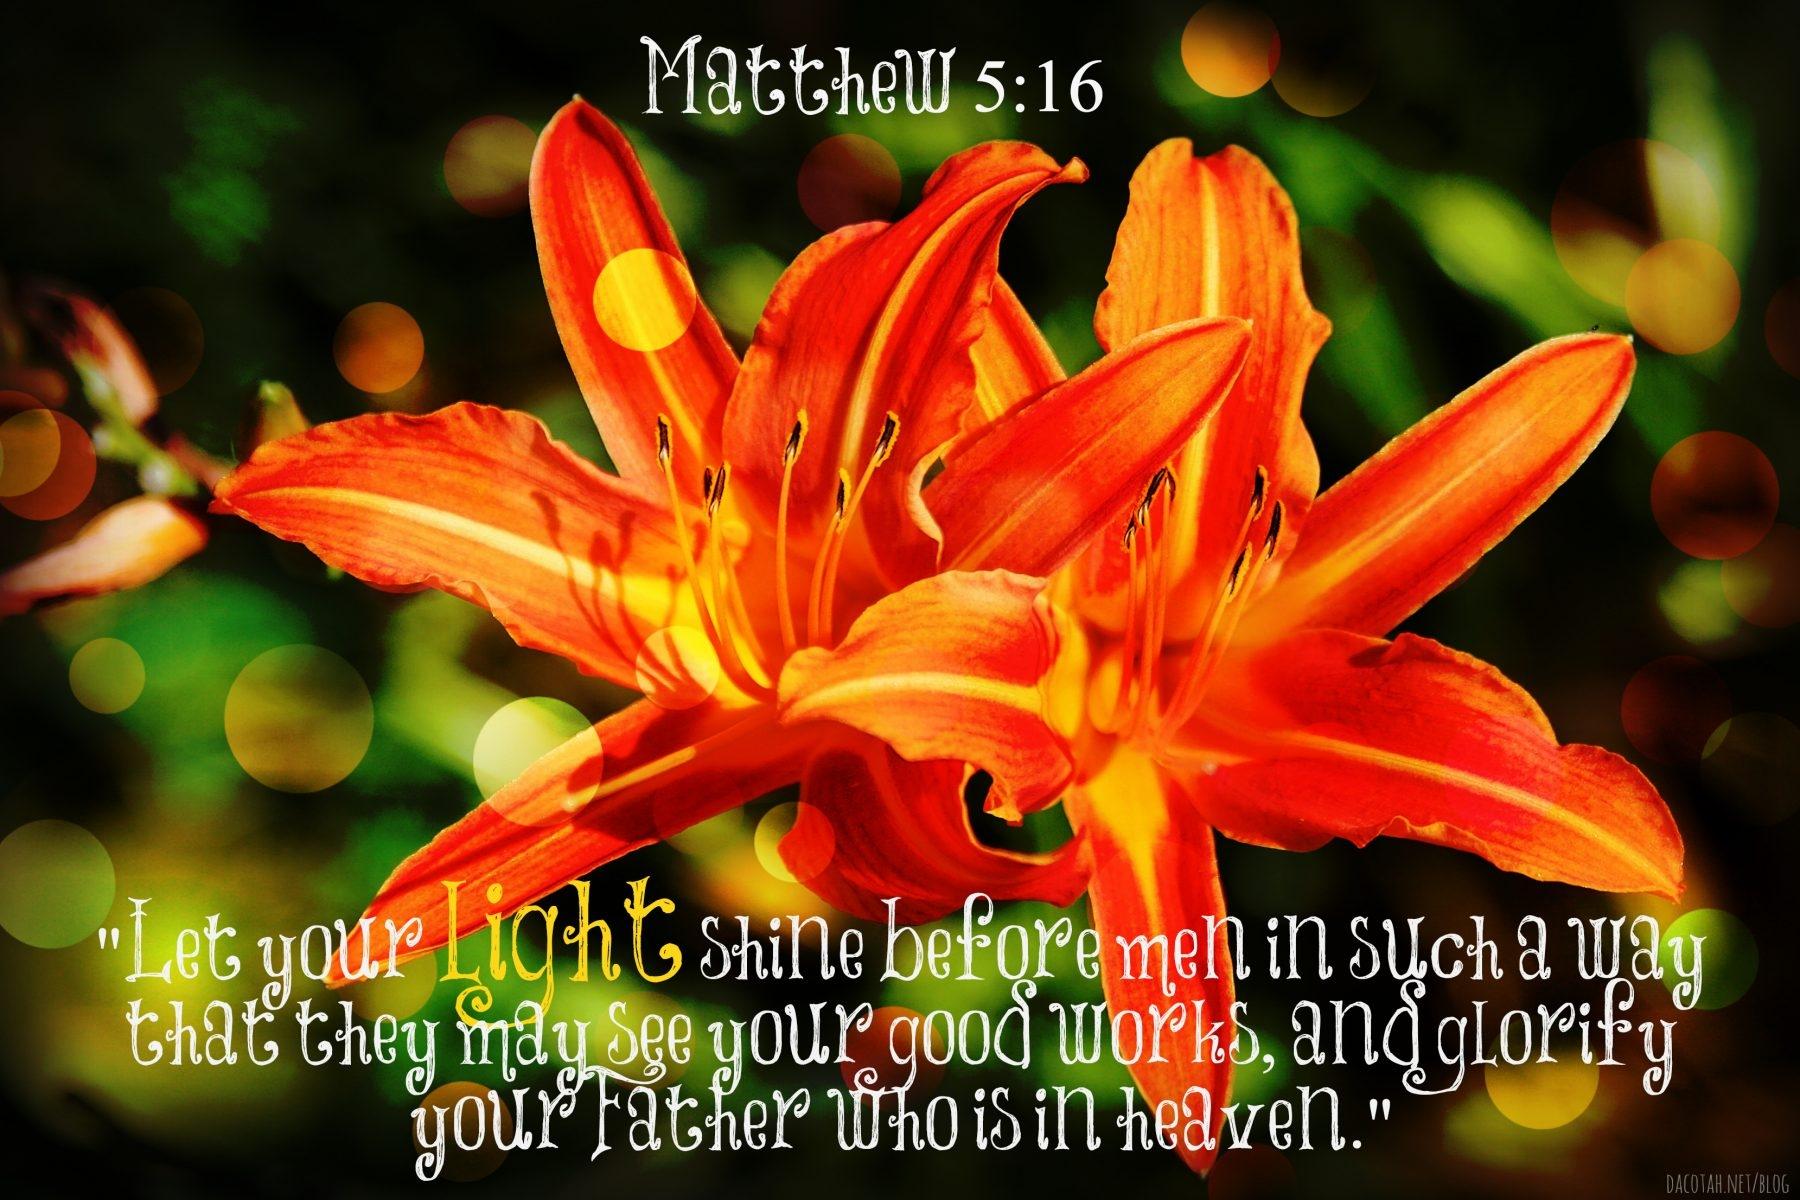 D2DL-Matthew5:16